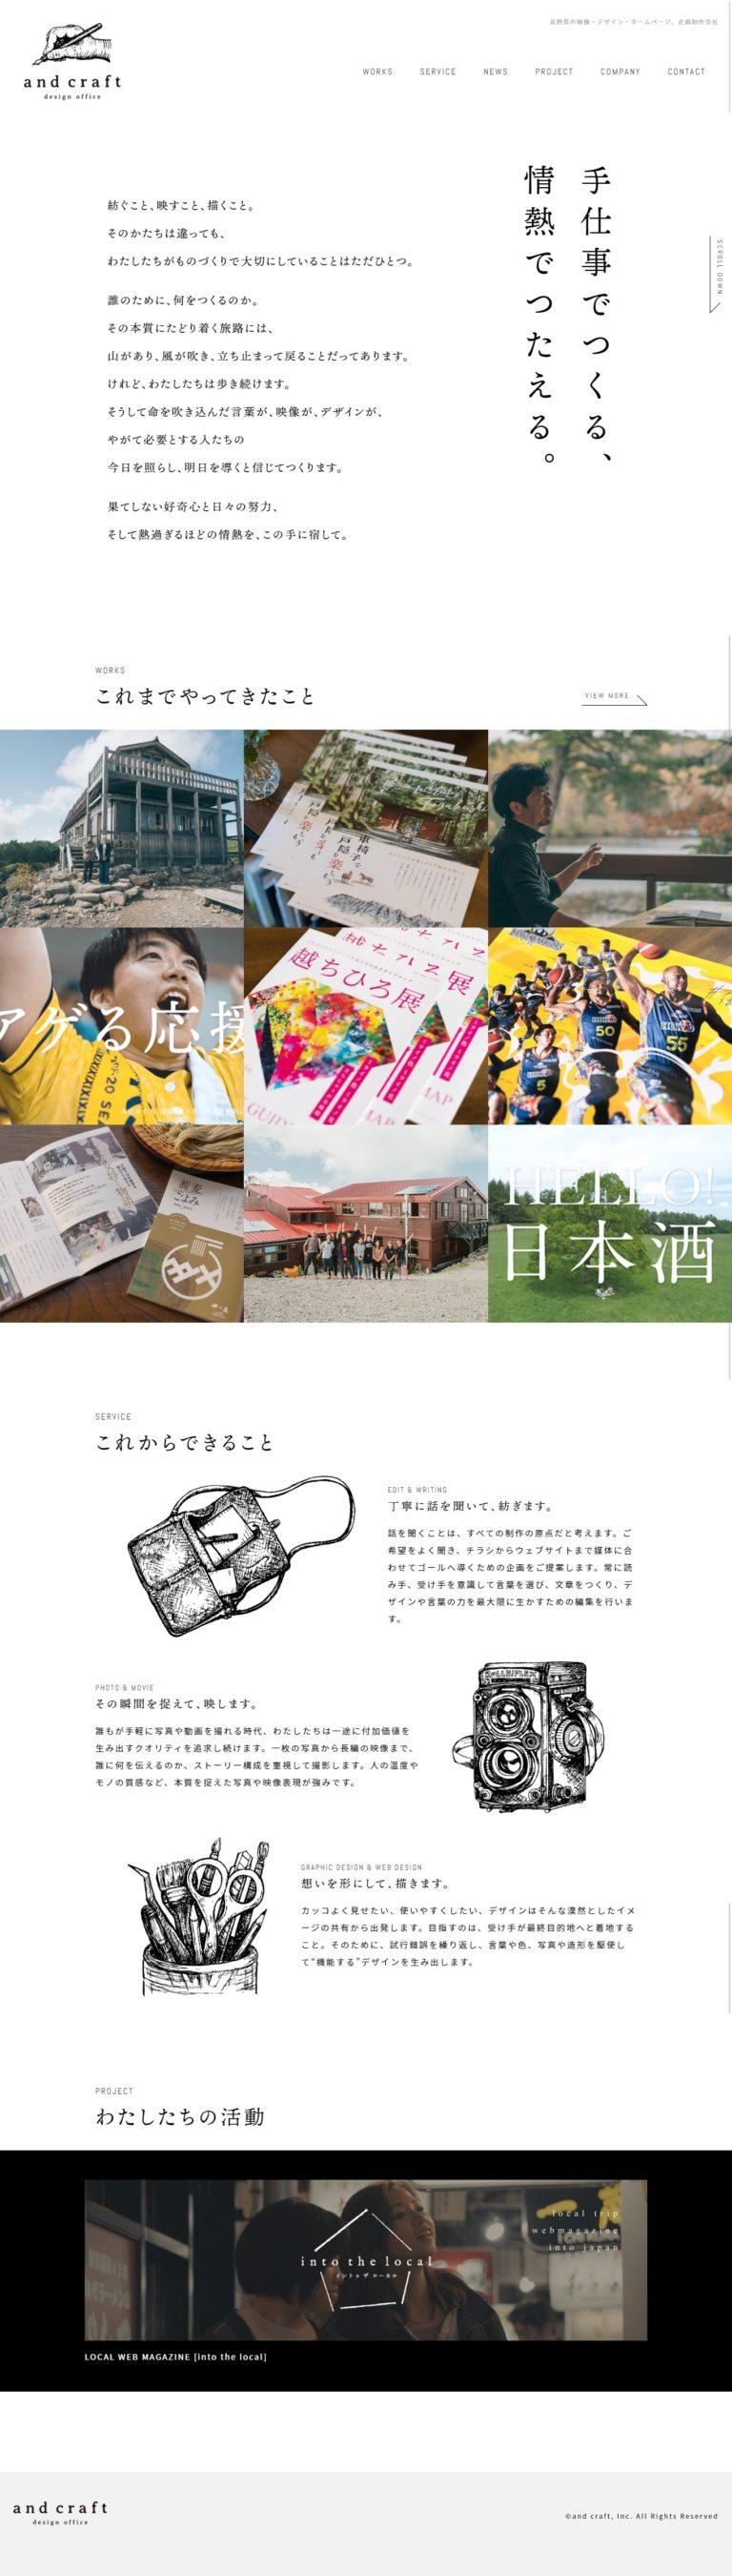 アンドクラフト株式会社(and craft, Inc.)|長野県の映像・デザイン・ホームページ、企画制作会社